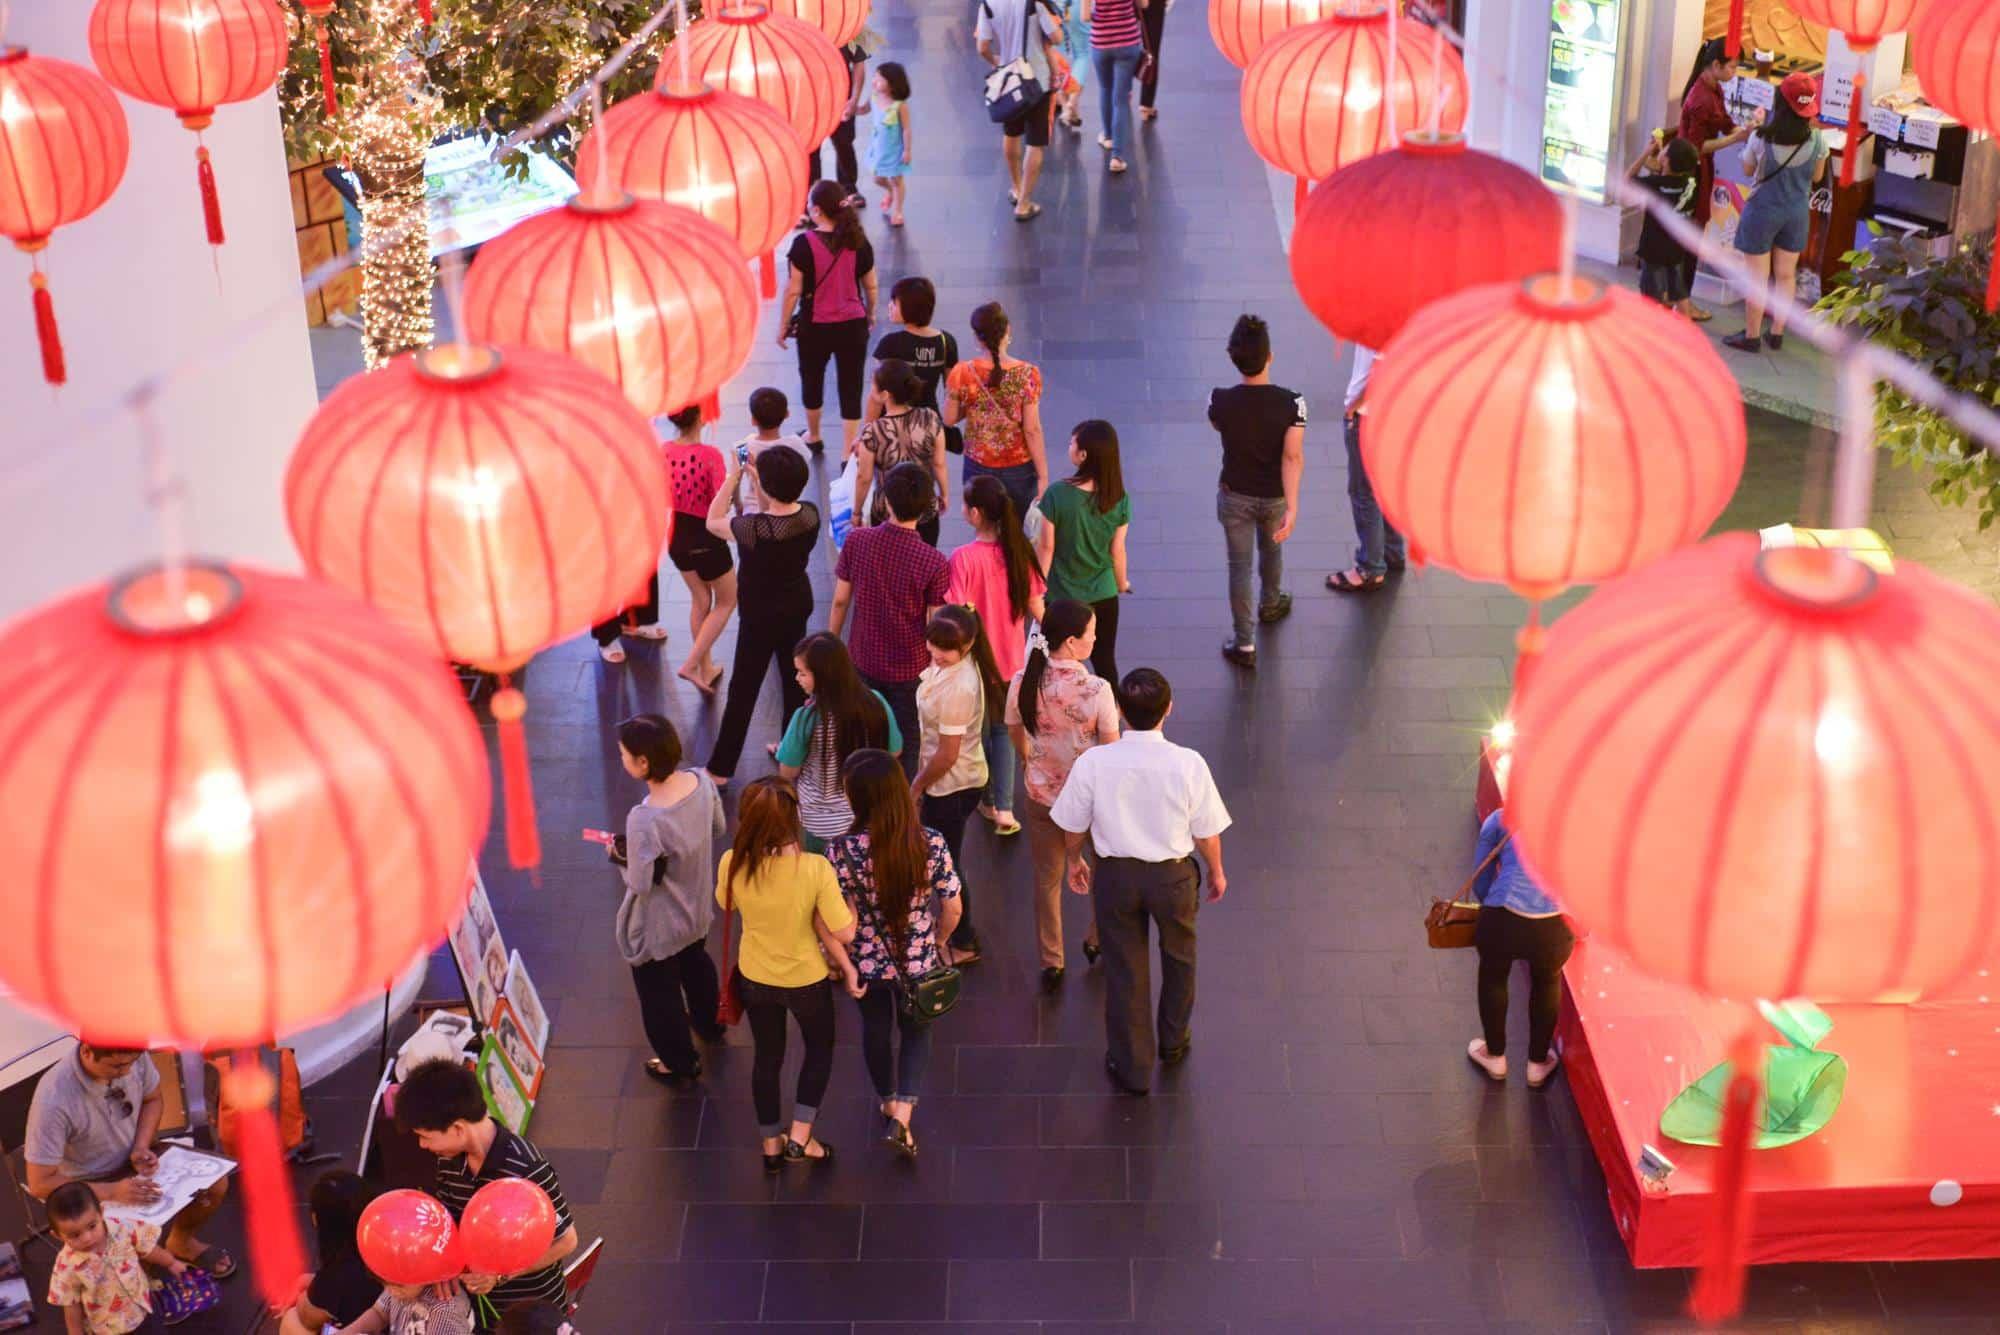 Địa điểm vui chơi Trung thu 2016 hấp dẫn nhất Hà Nội